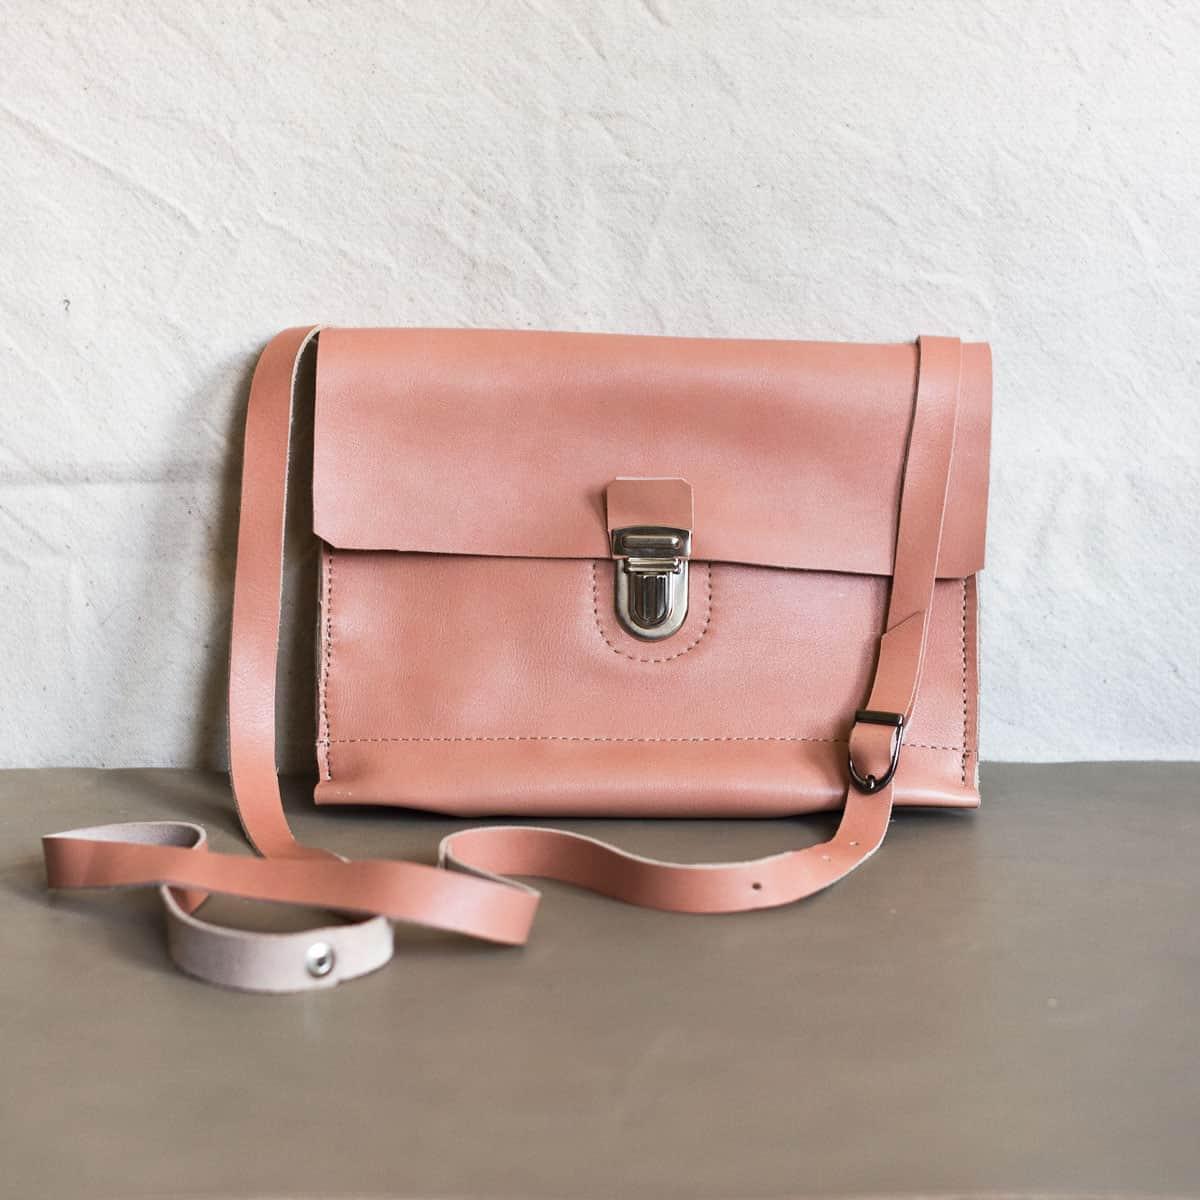 rozowa-torebka-na-ramie01a